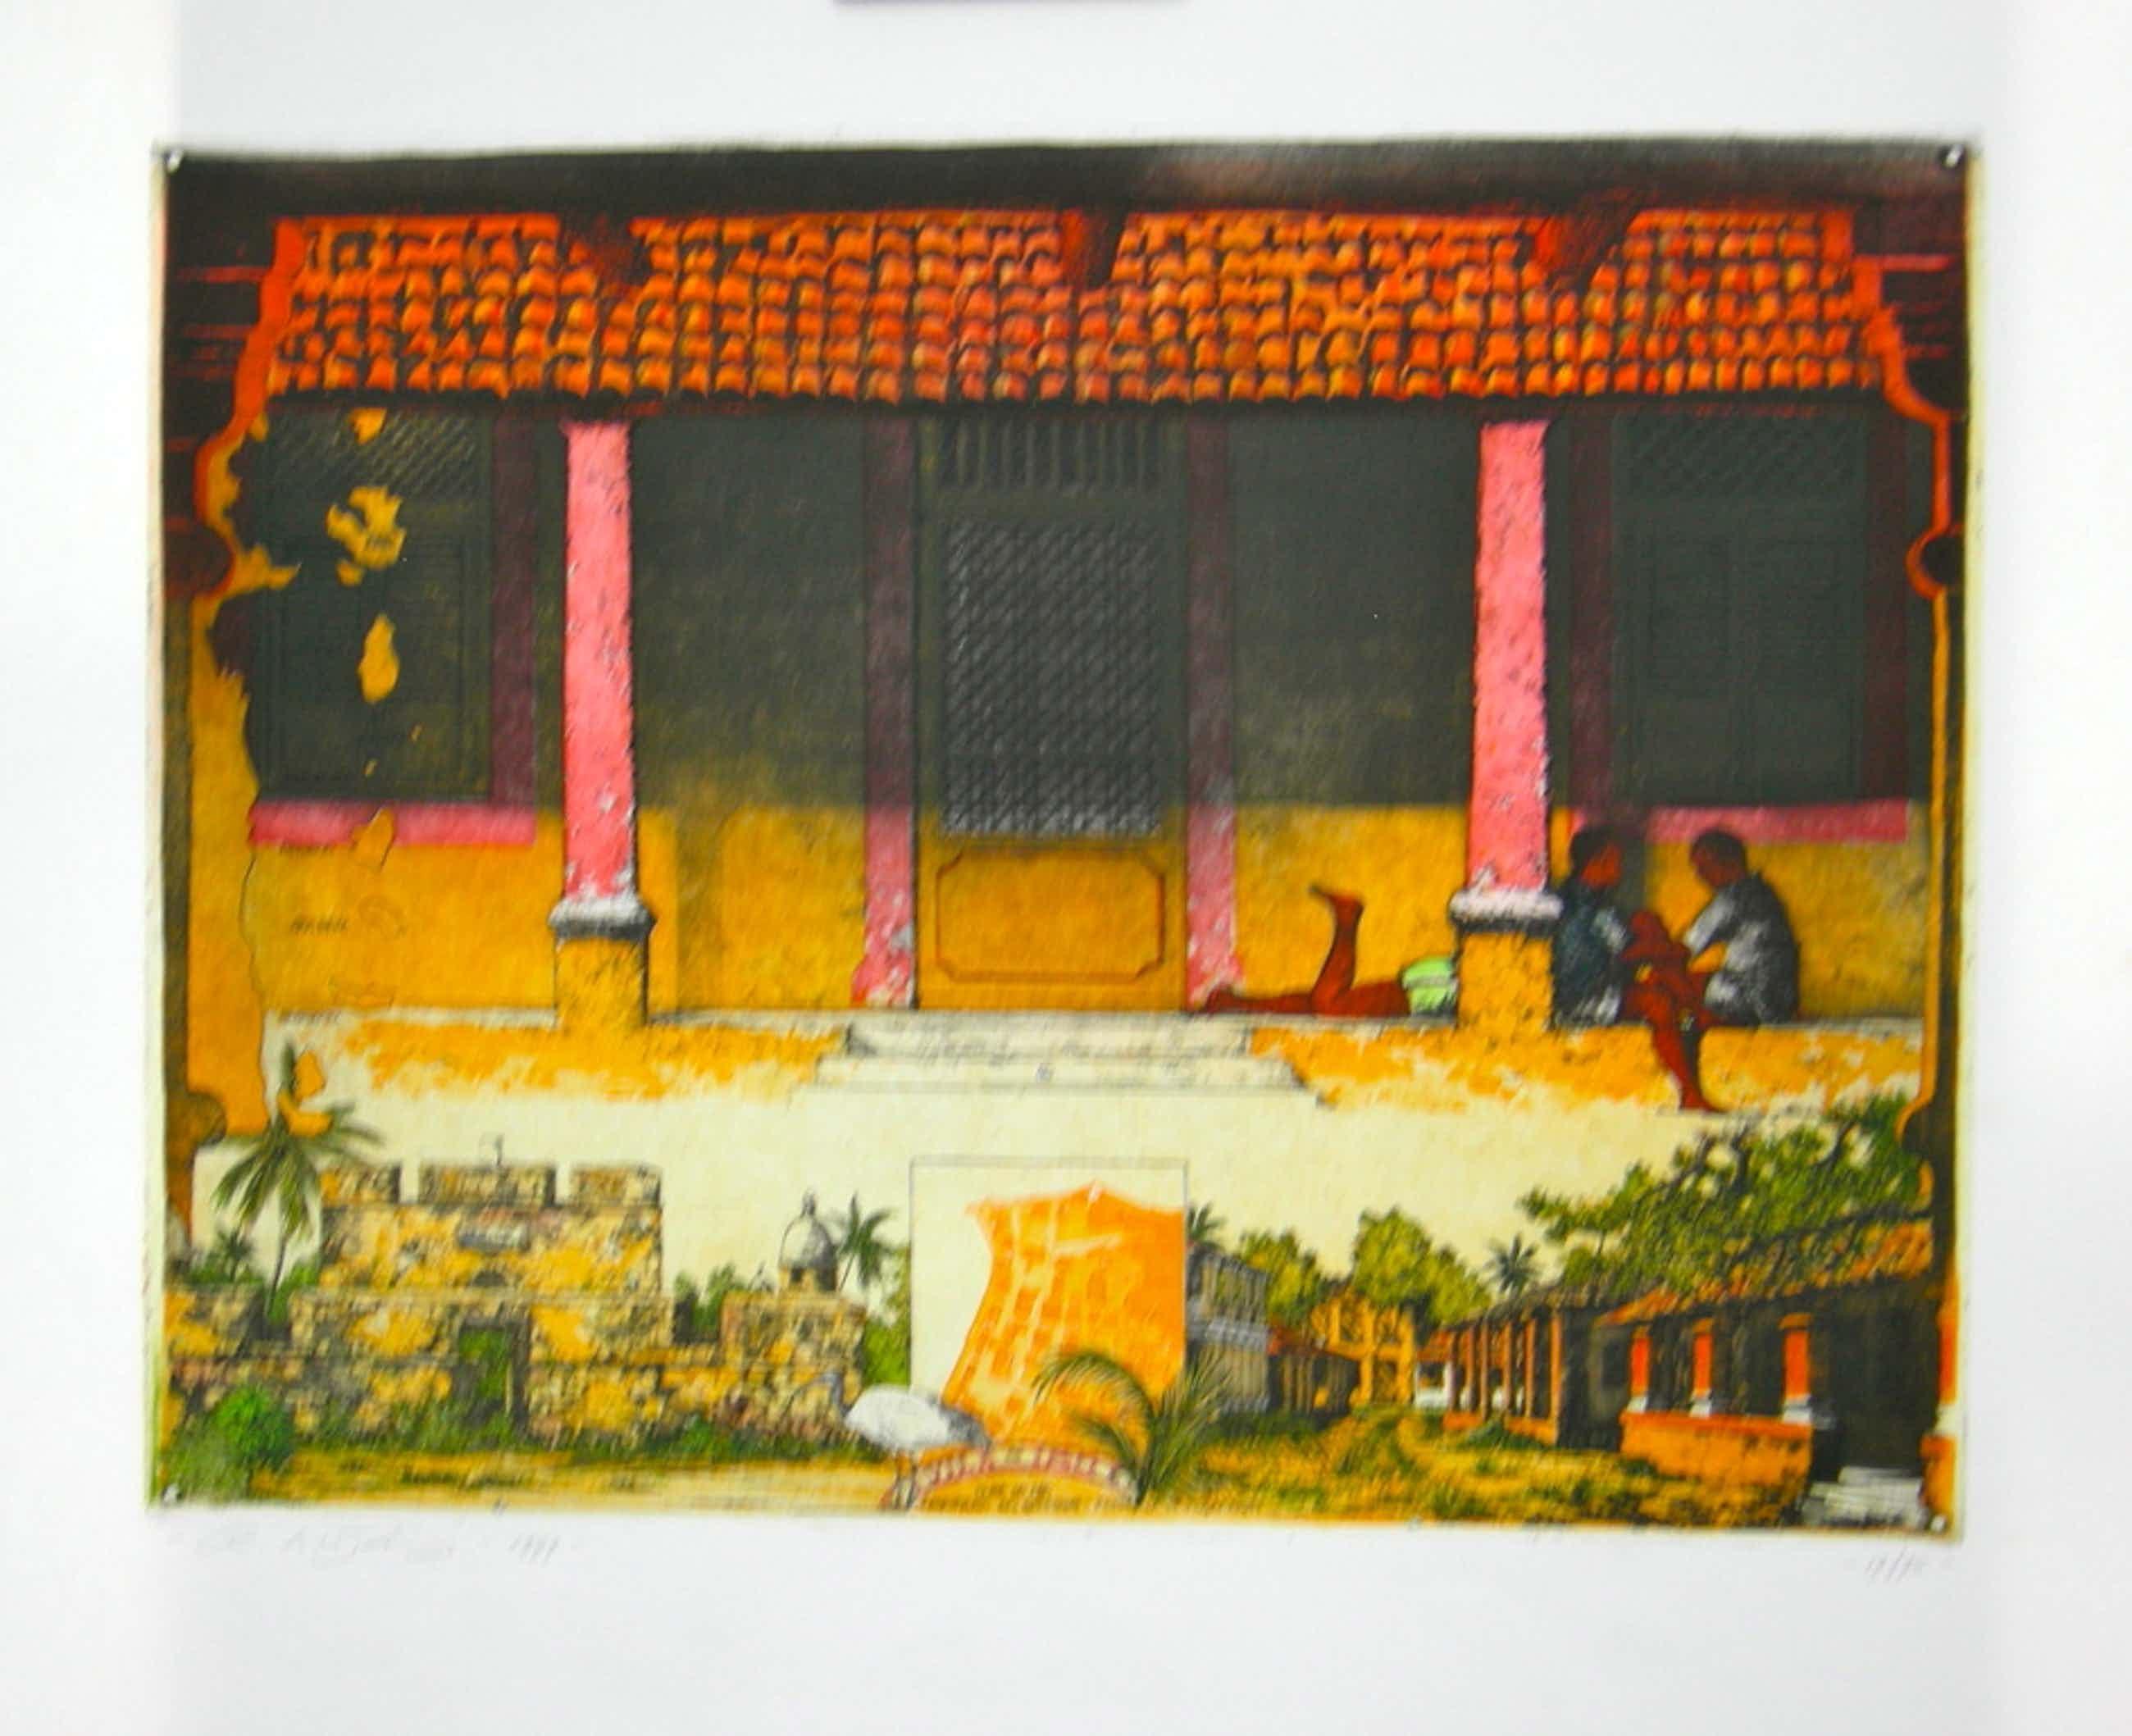 Rolf Weijburg, kleurenets, Ibo - Mozambique kopen? Bied vanaf 50!